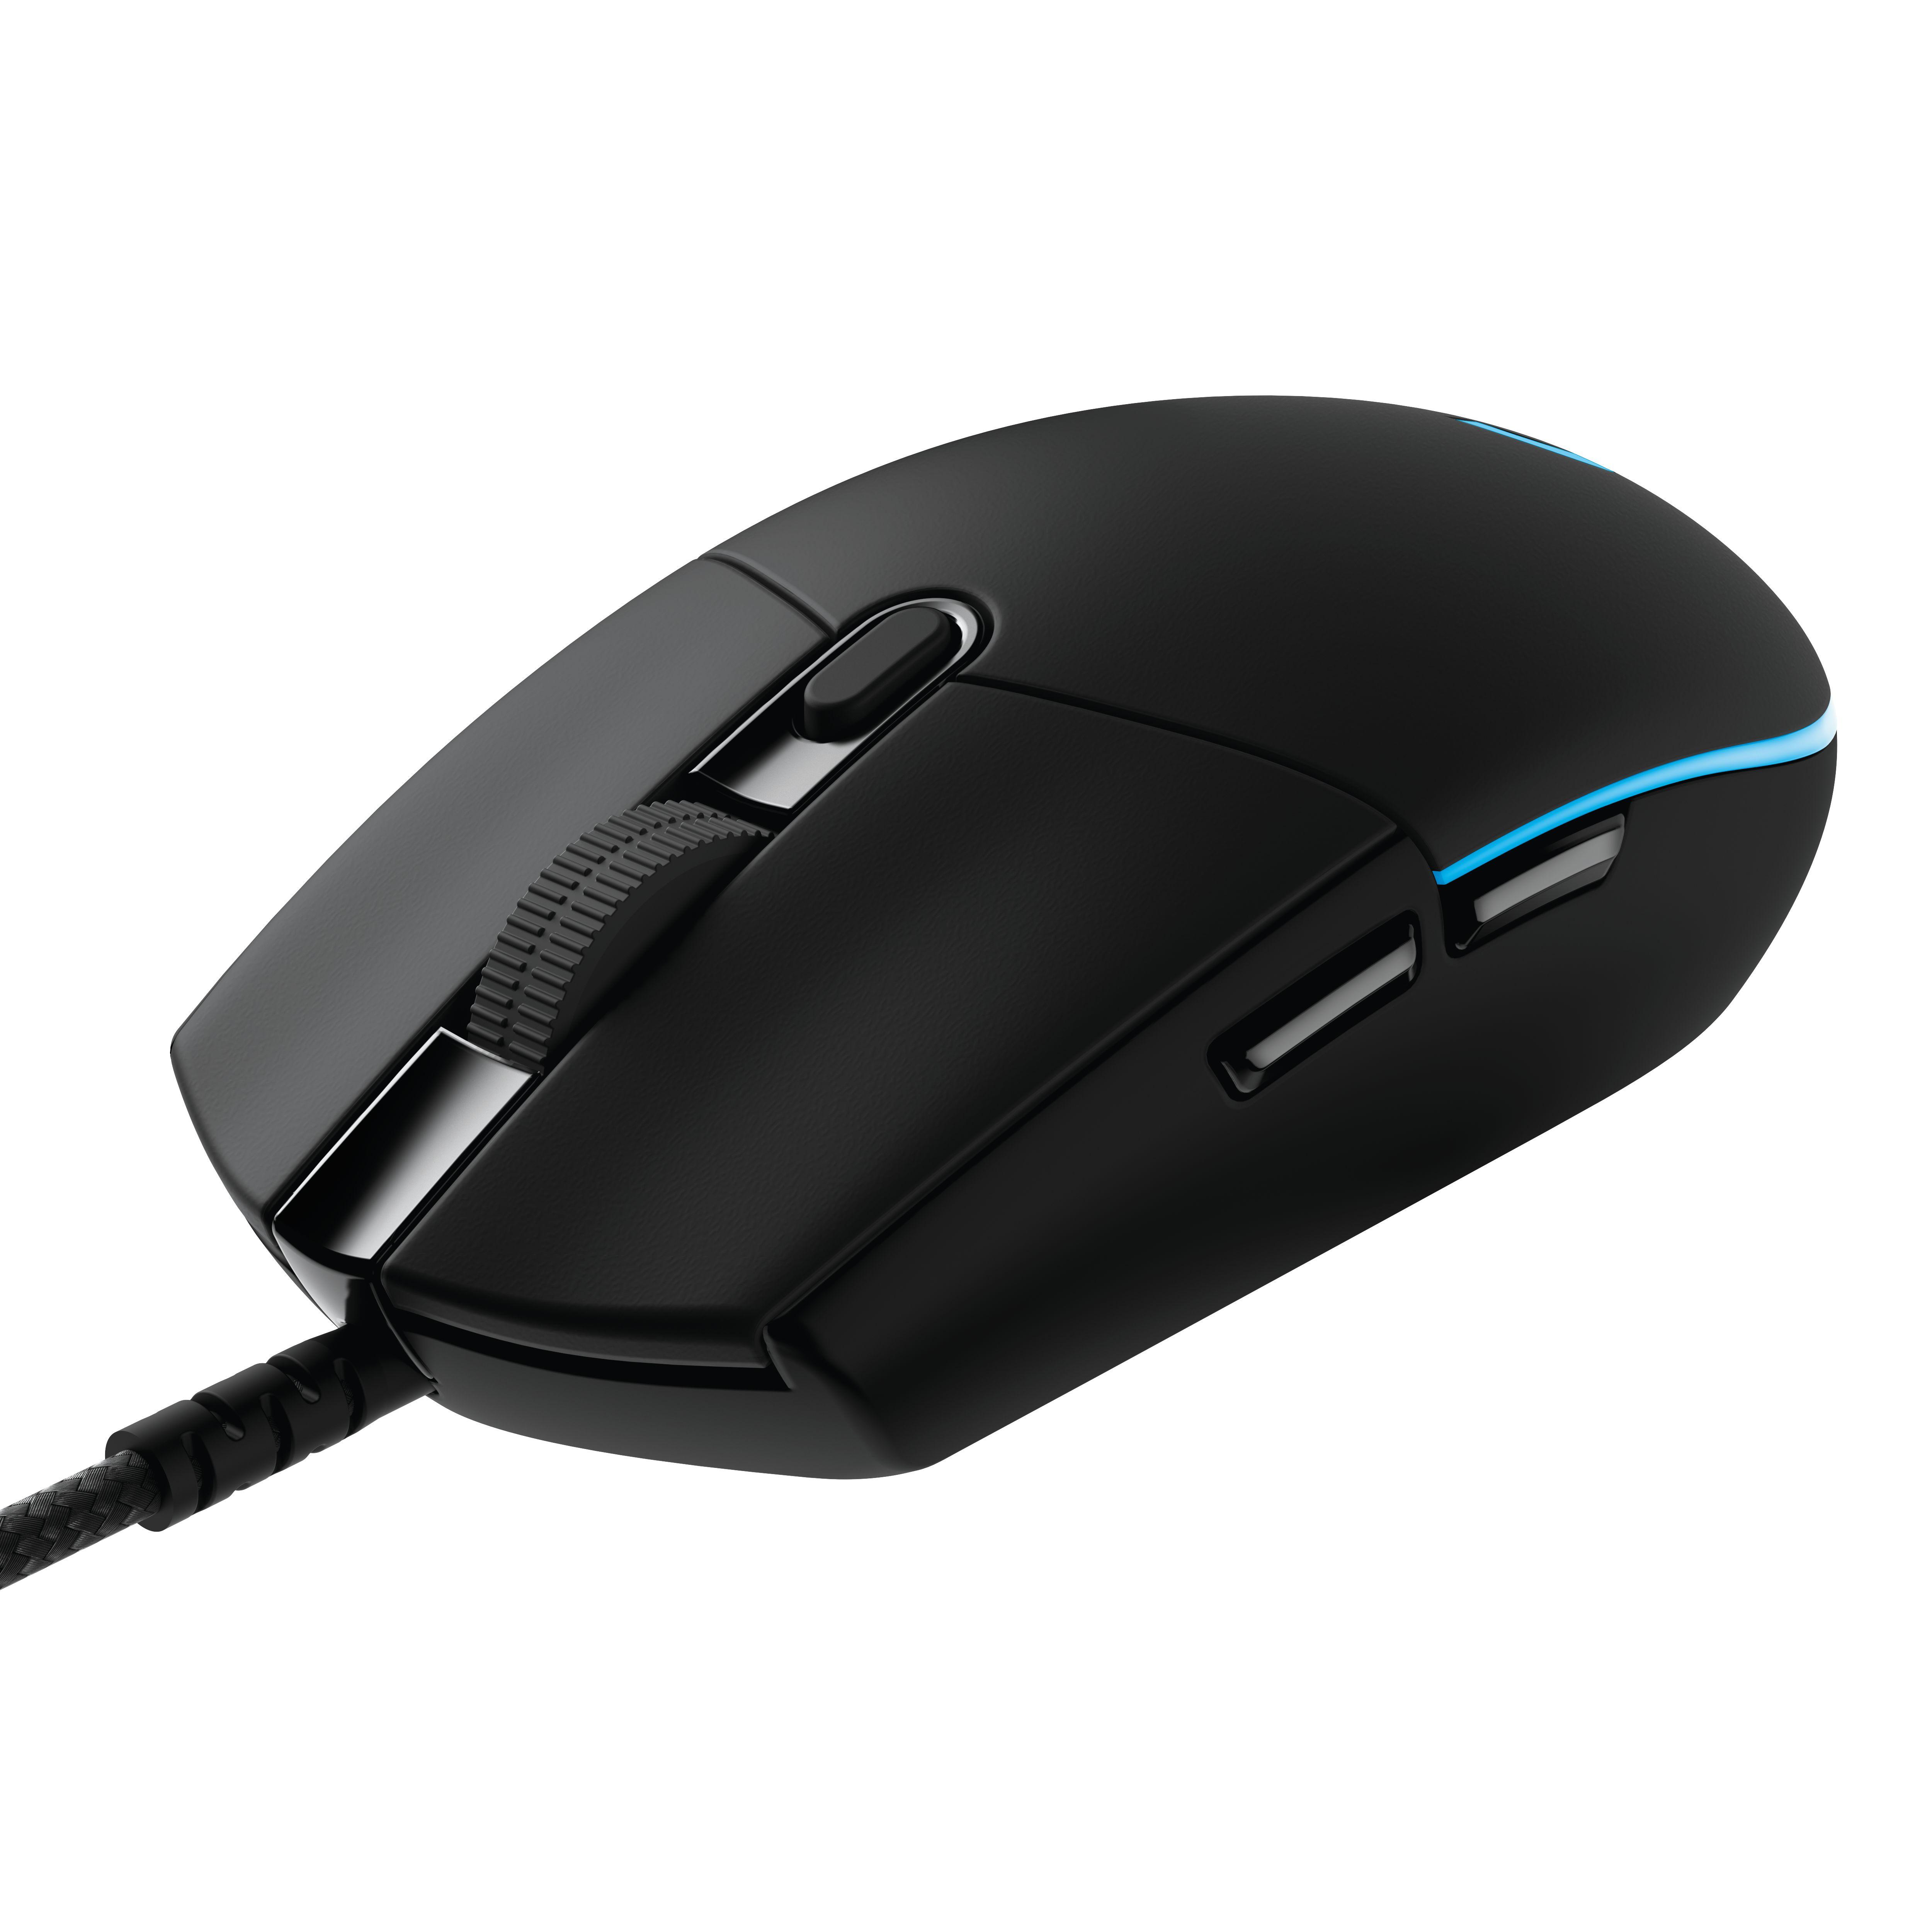 Logitech представила выносливую мышь G Pro для киберспортсменов